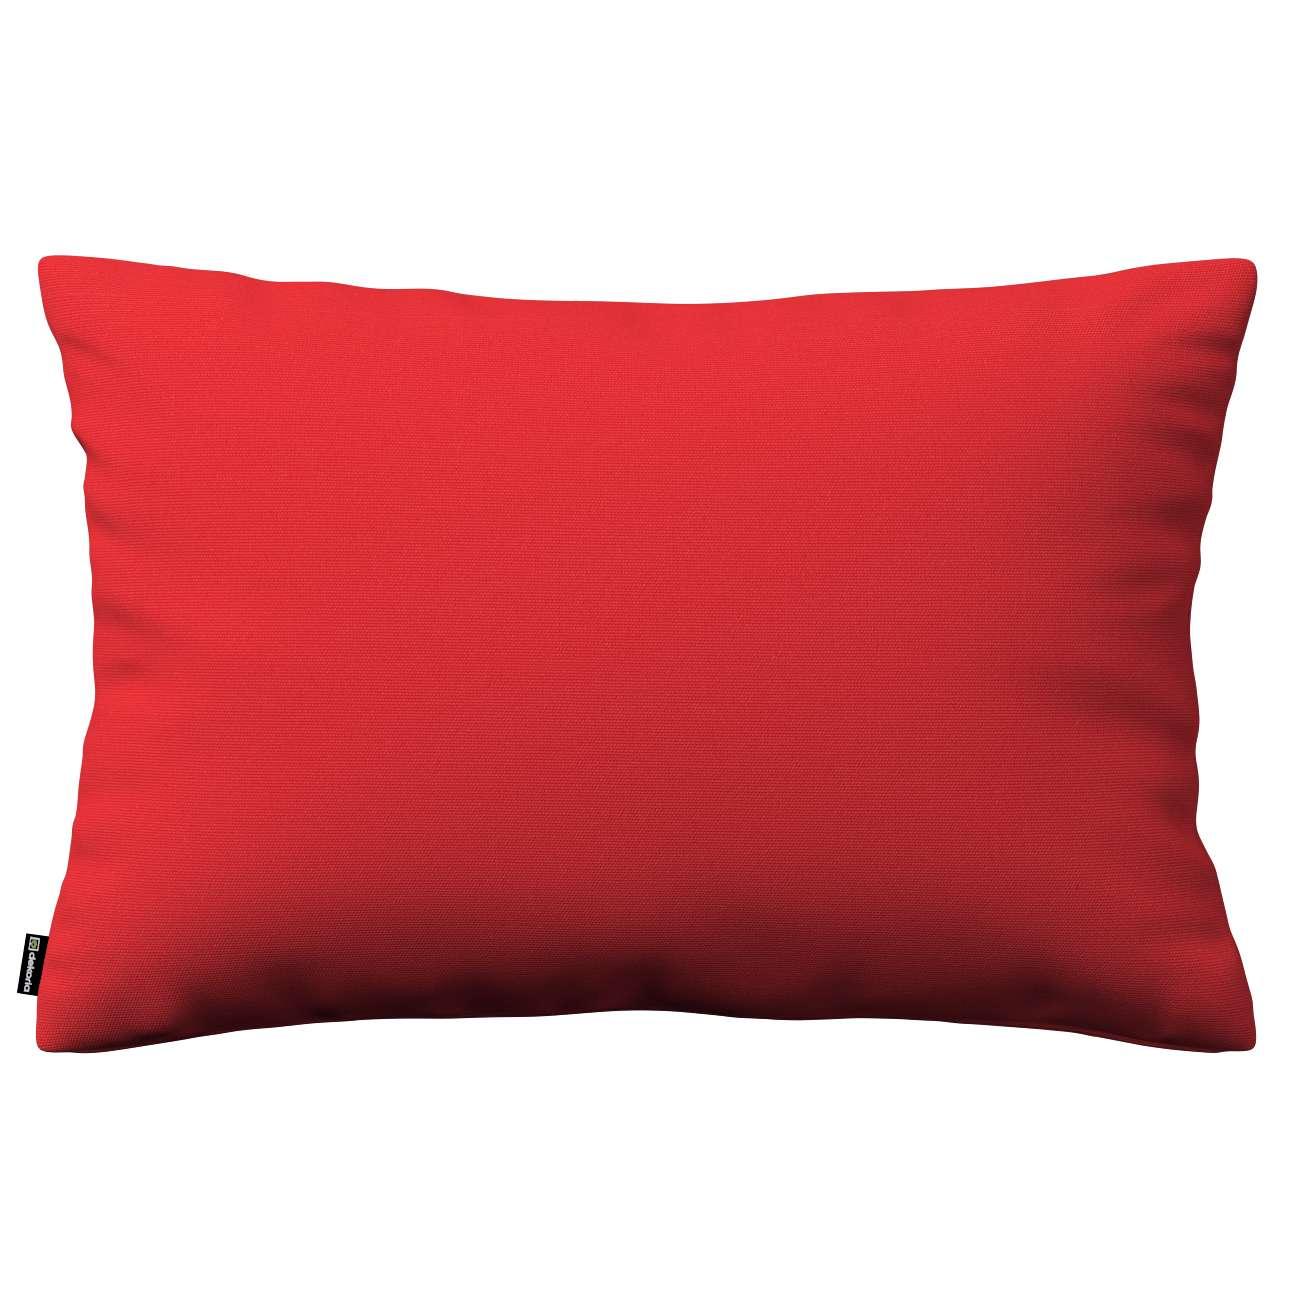 Poszewka Kinga na poduszkę prostokątną 60 x 40 cm w kolekcji Loneta, tkanina: 133-43